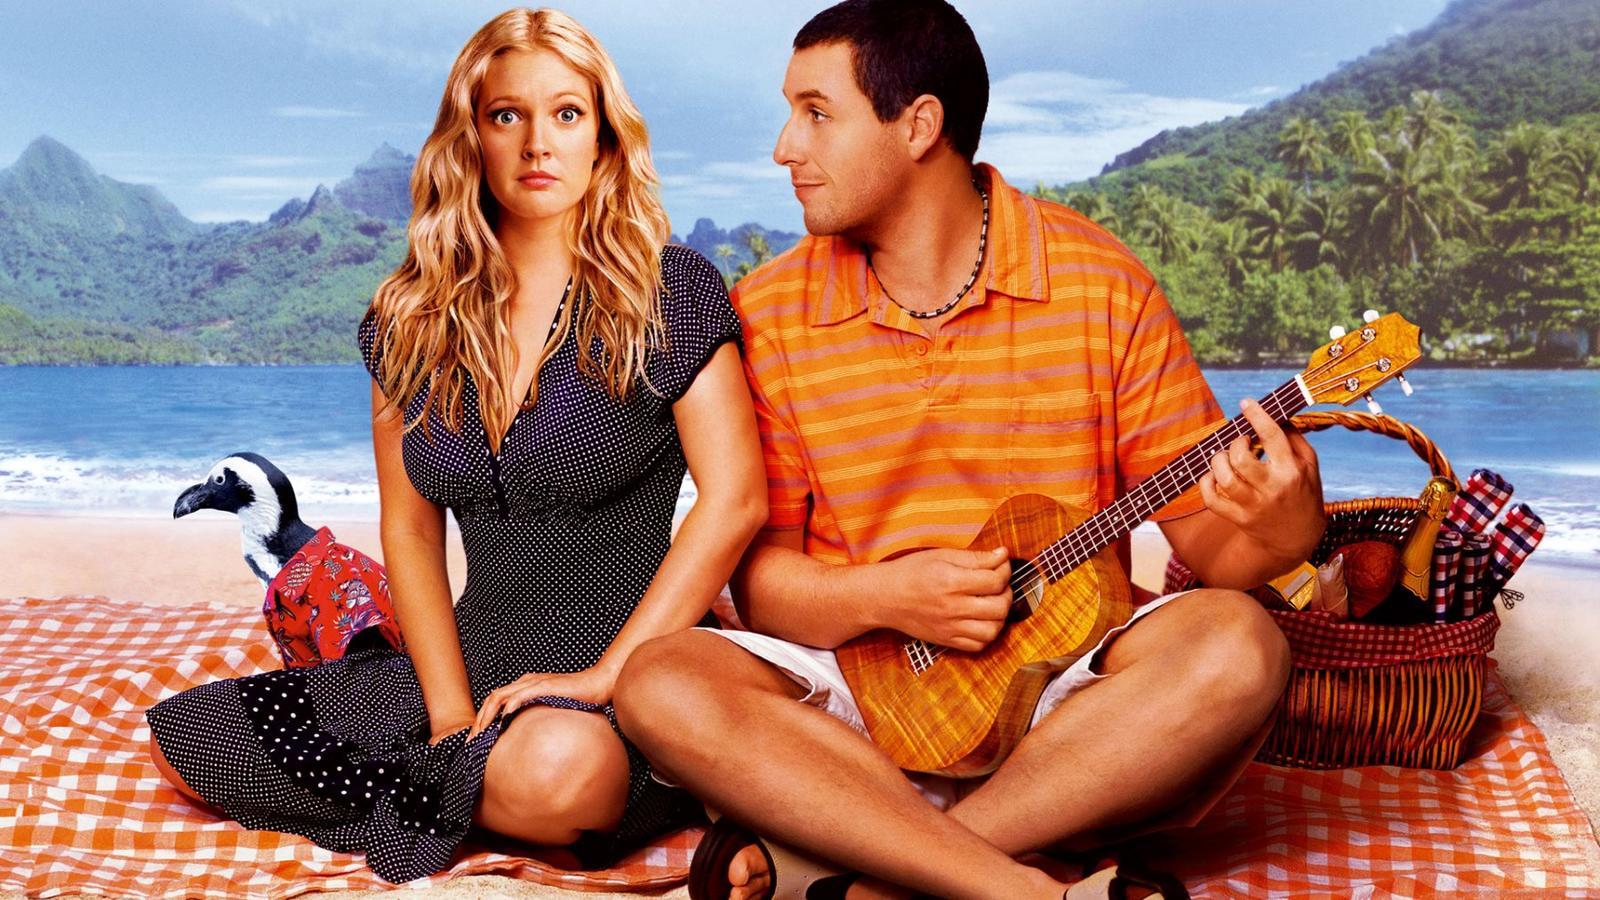 Hogy is hagyhatnánk ki a tökéletes első randit, ami aztán 50-szer megismétlődik? Drew Barrymore és Adam Sandler abszolút egymásnak lettek teremtve, a baj csak az, hogy Drew csak egy napig emlékszik szerelmére.  (Columbia Pictures Corporation)